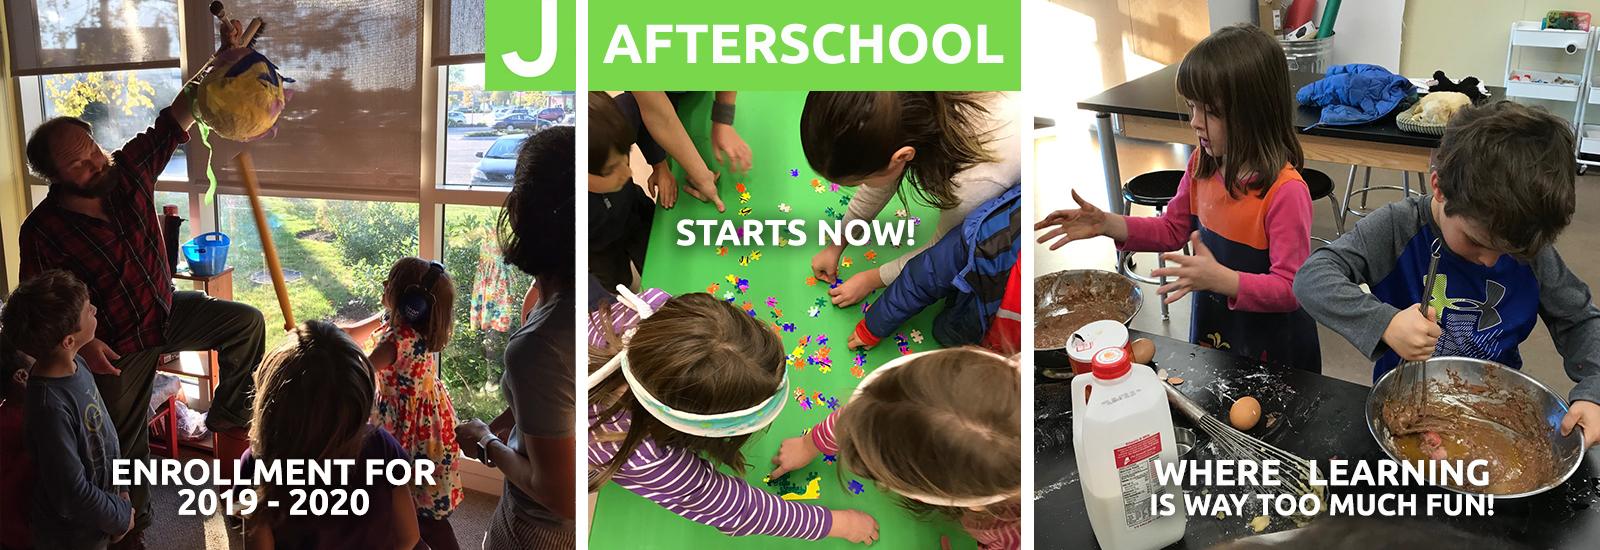 After School Slider 2019-2020